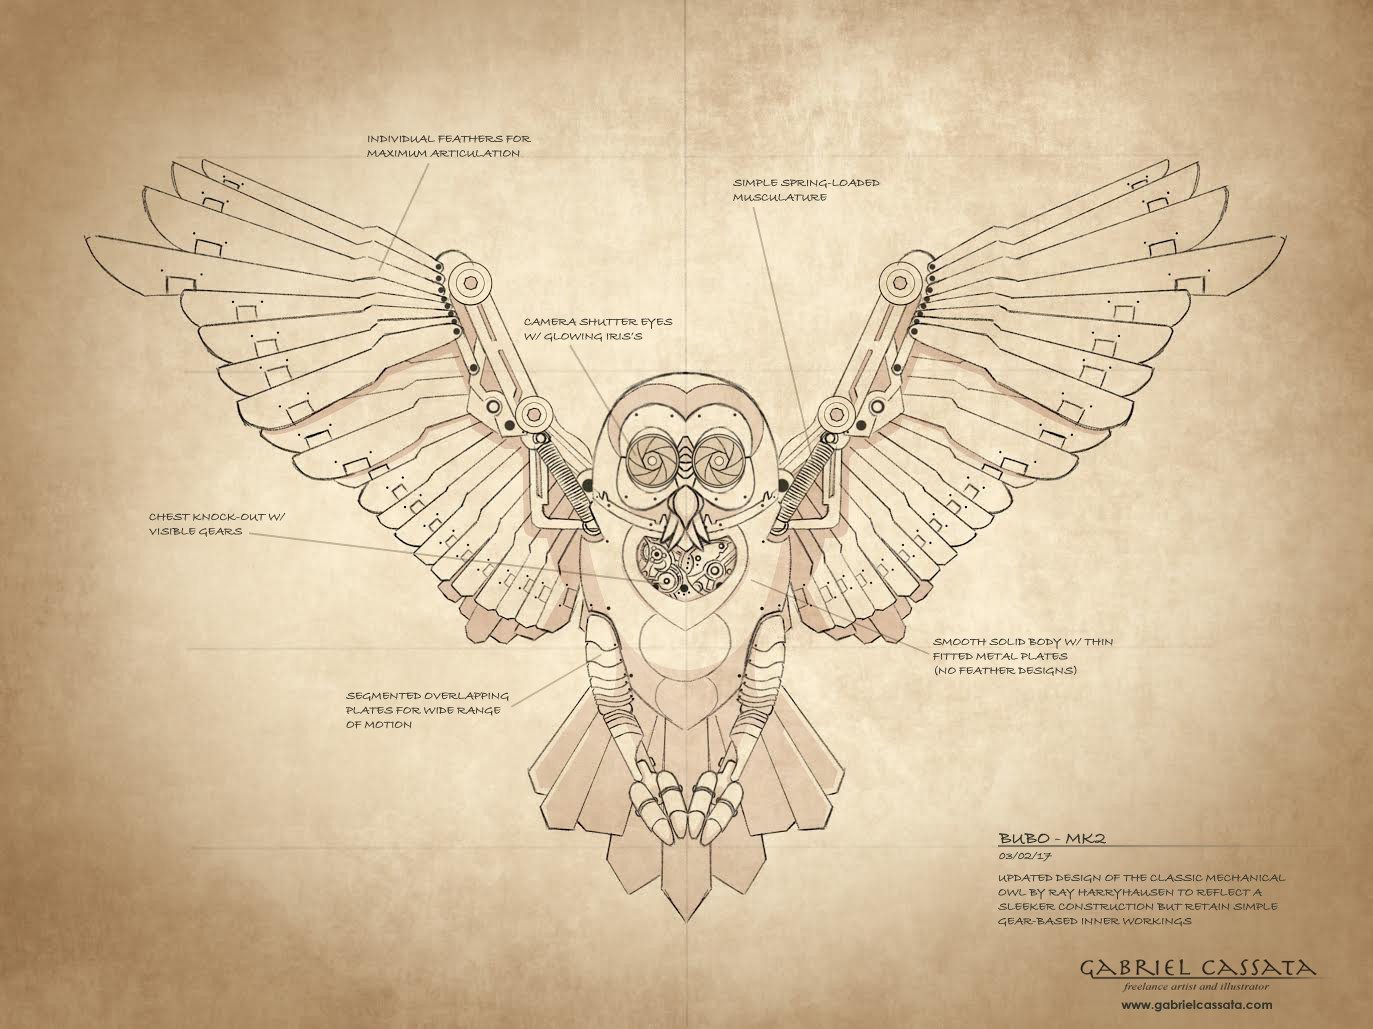 Gabriel cassata bubo mk2 design sketch